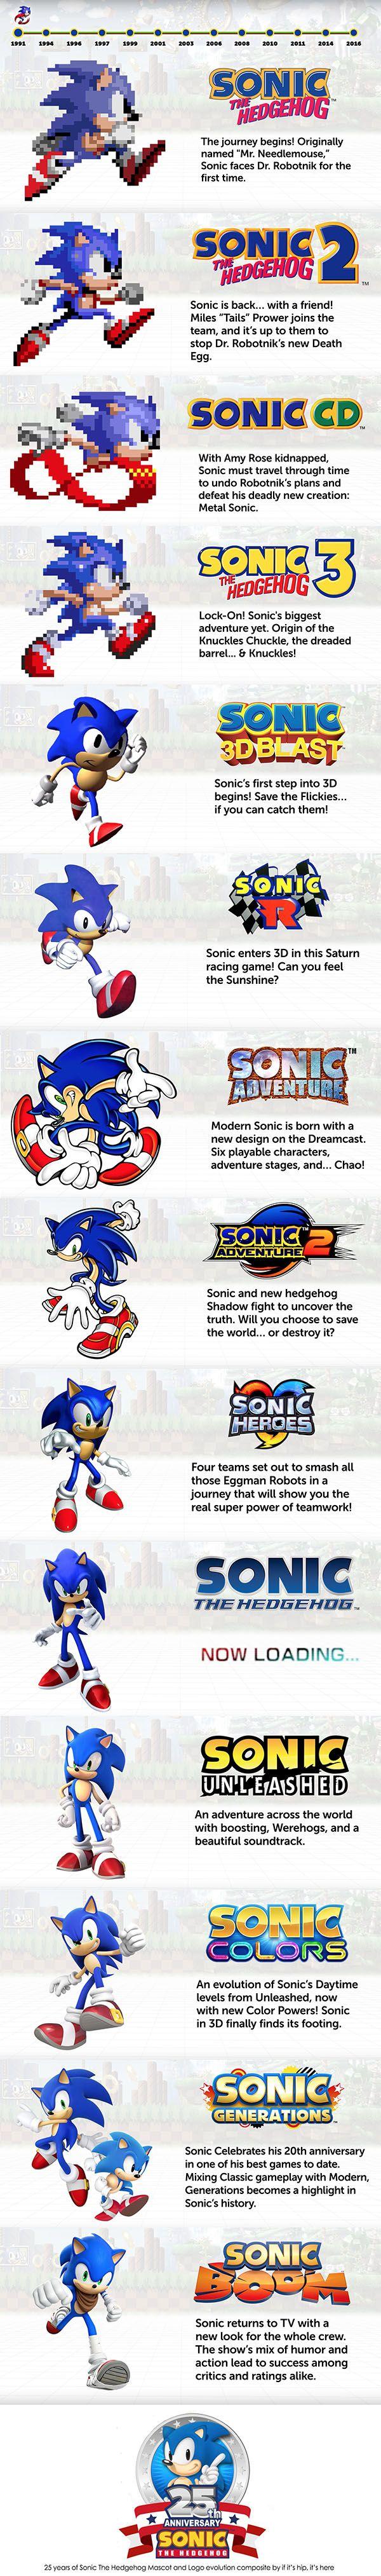 La Evolucion de los 25 Años de Sonic The Hegdehog